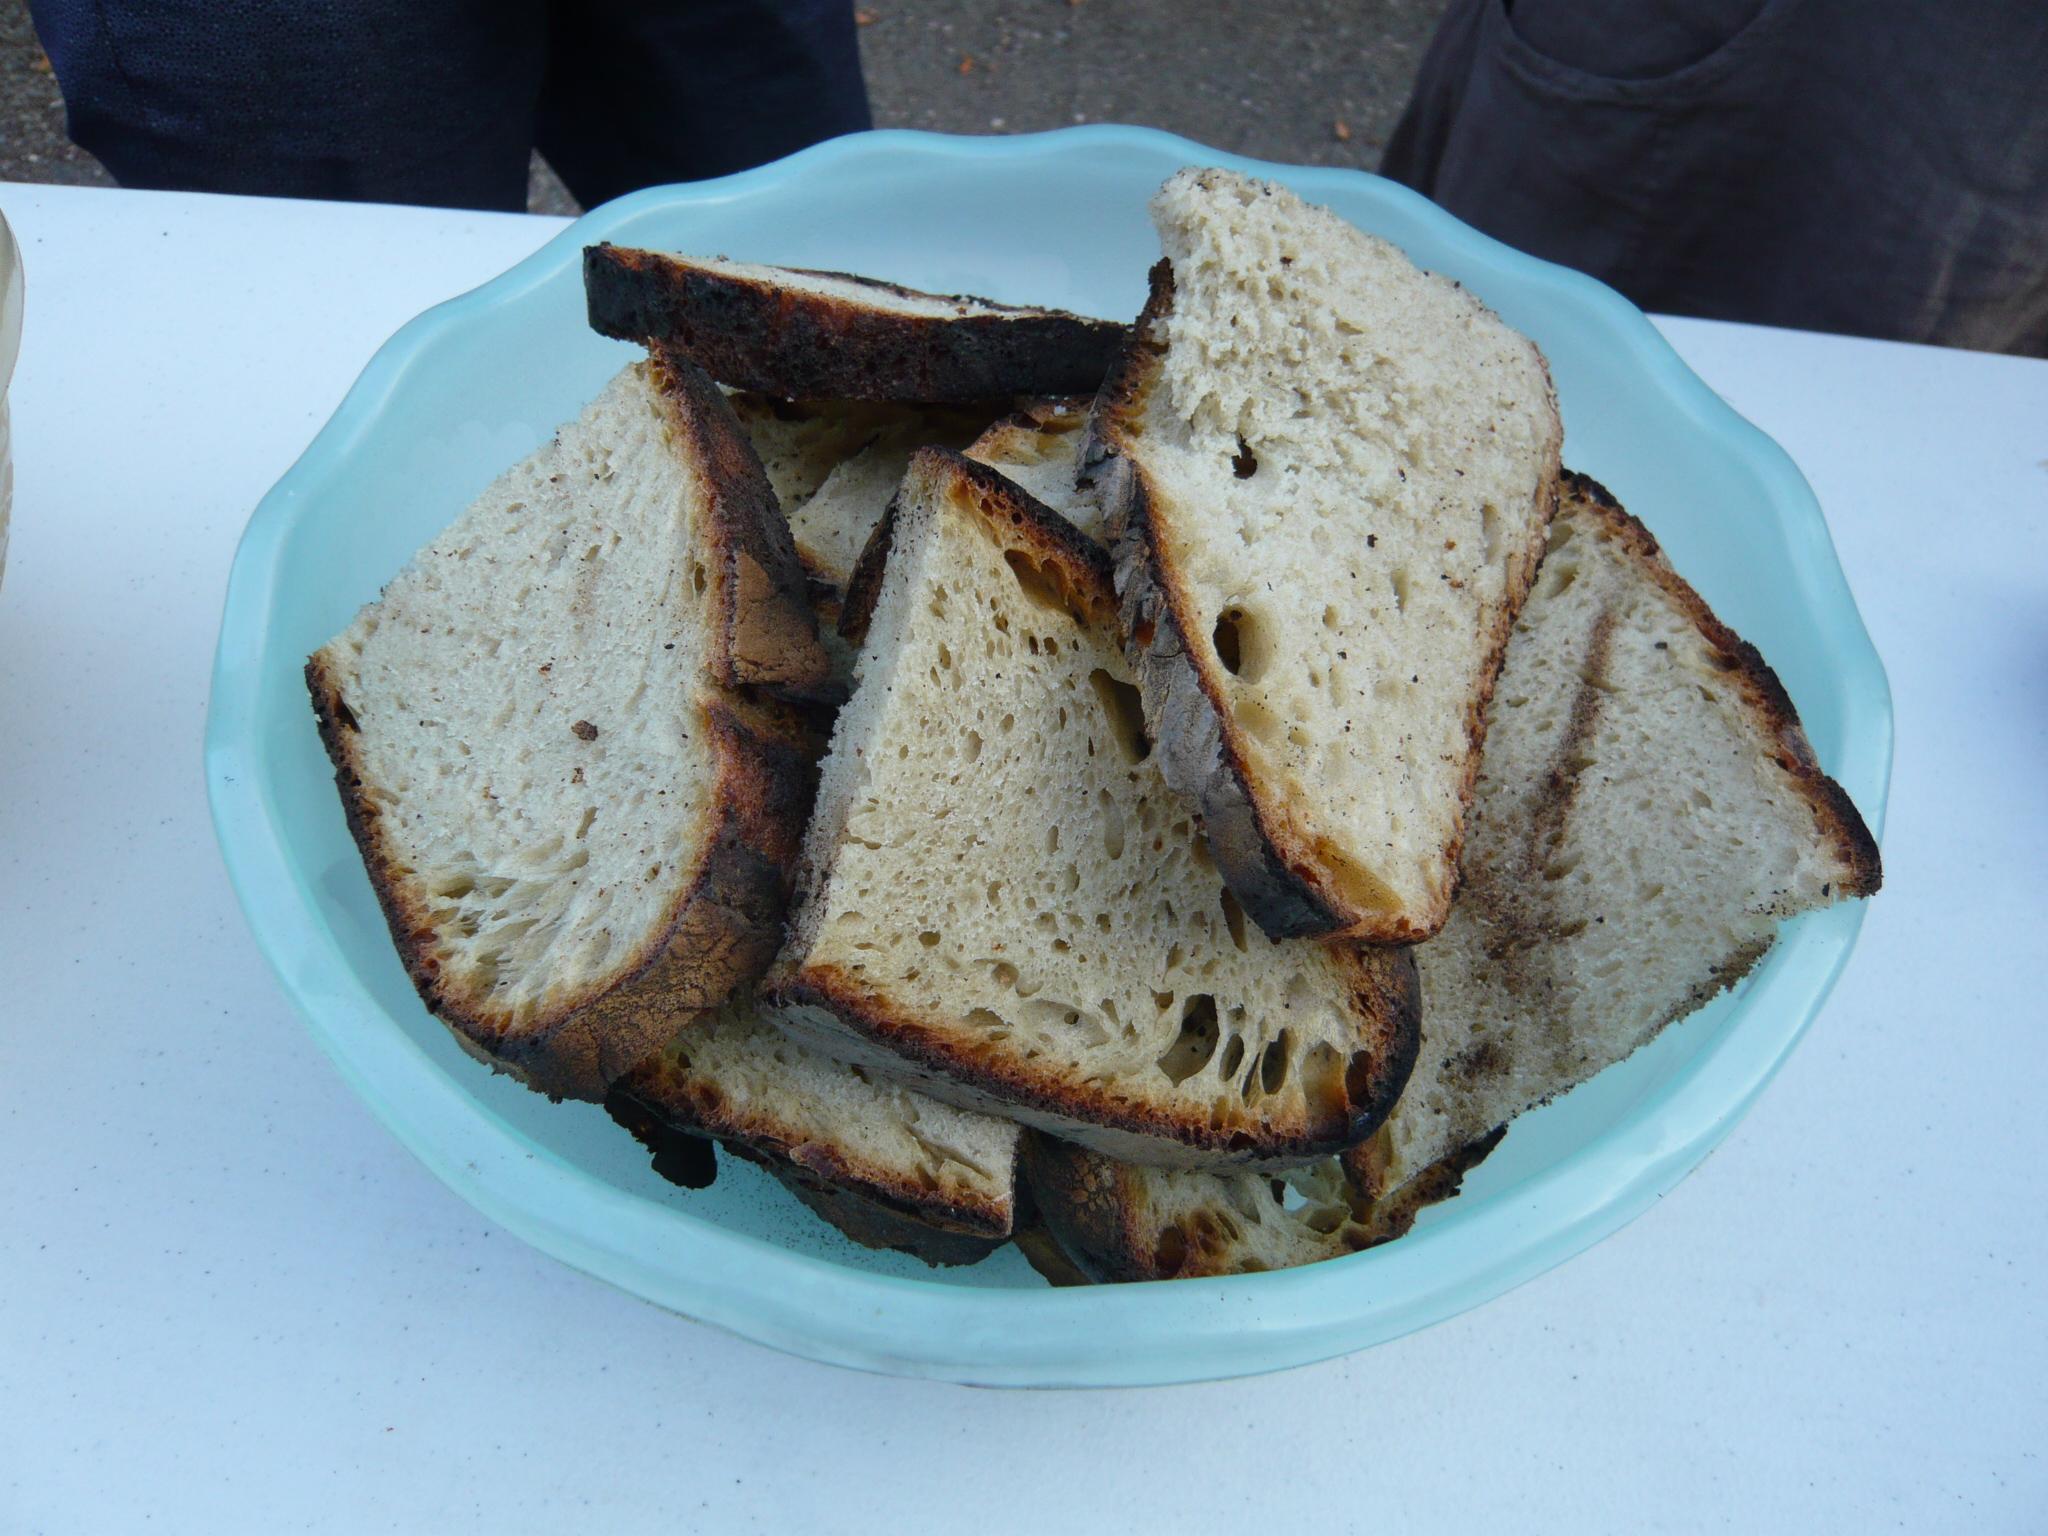 Le pain est coupé, le repas peut commencer